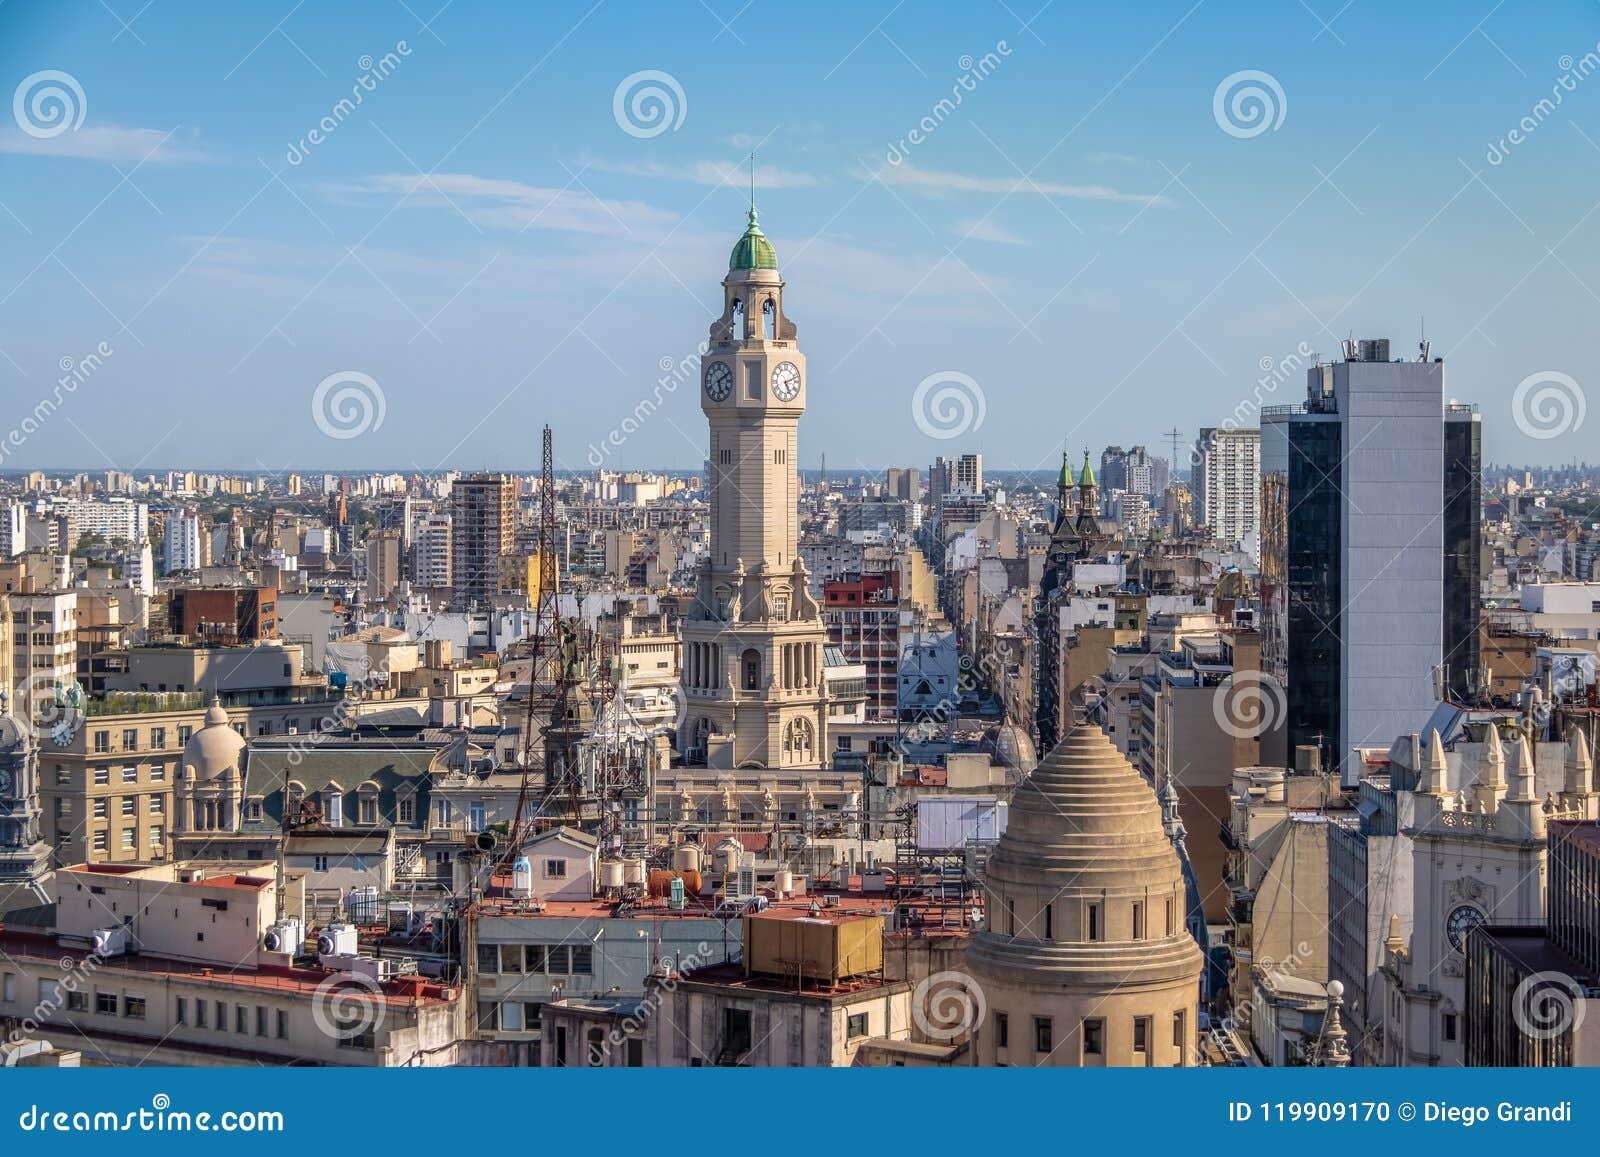 Torre y visión aérea céntrica - Buenos Aires, la Argentina de la legislatura de la ciudad de Buenos Aires